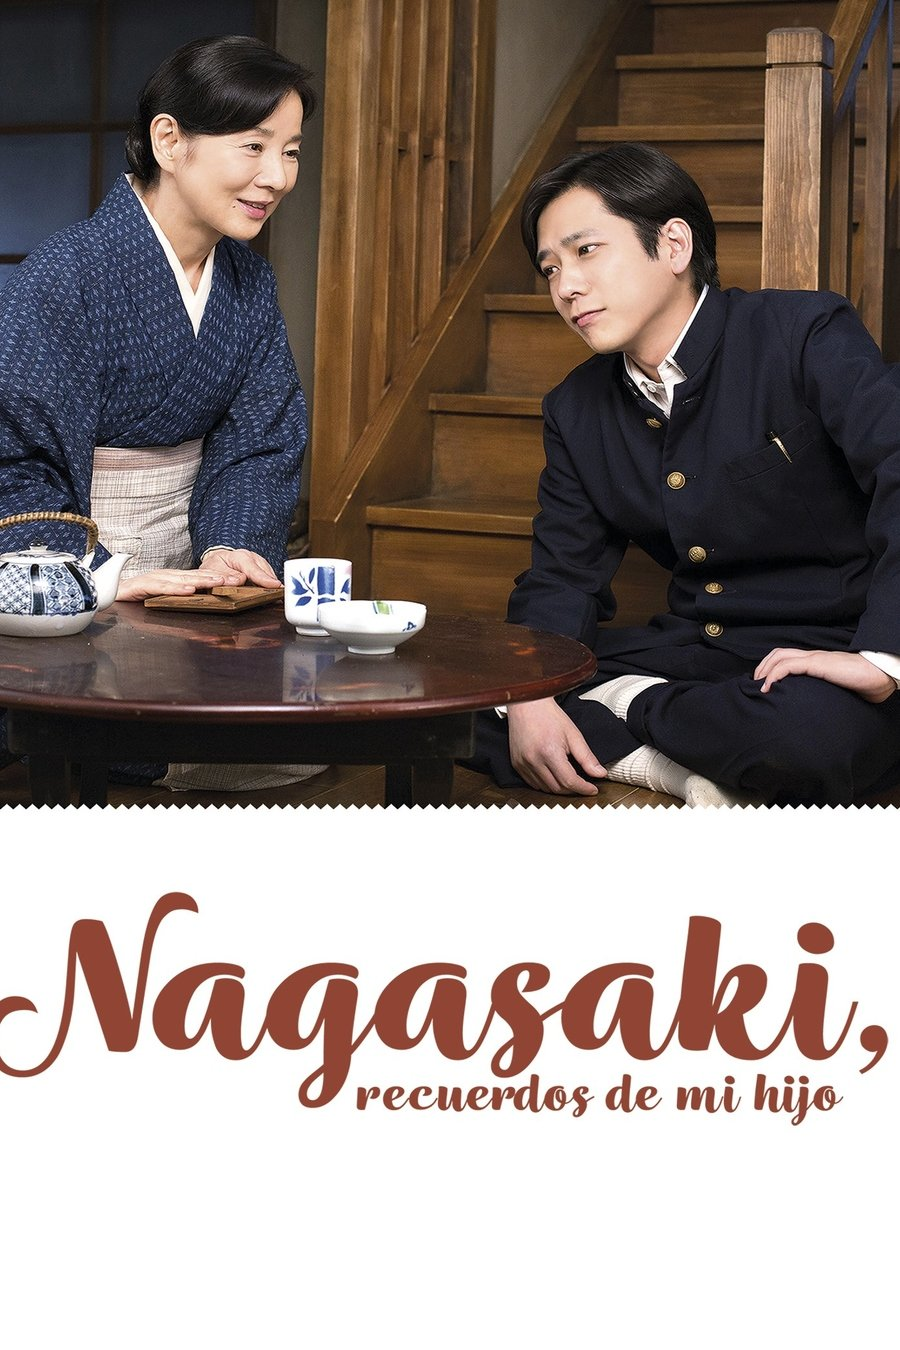 Nagasaki. Records del meu fill